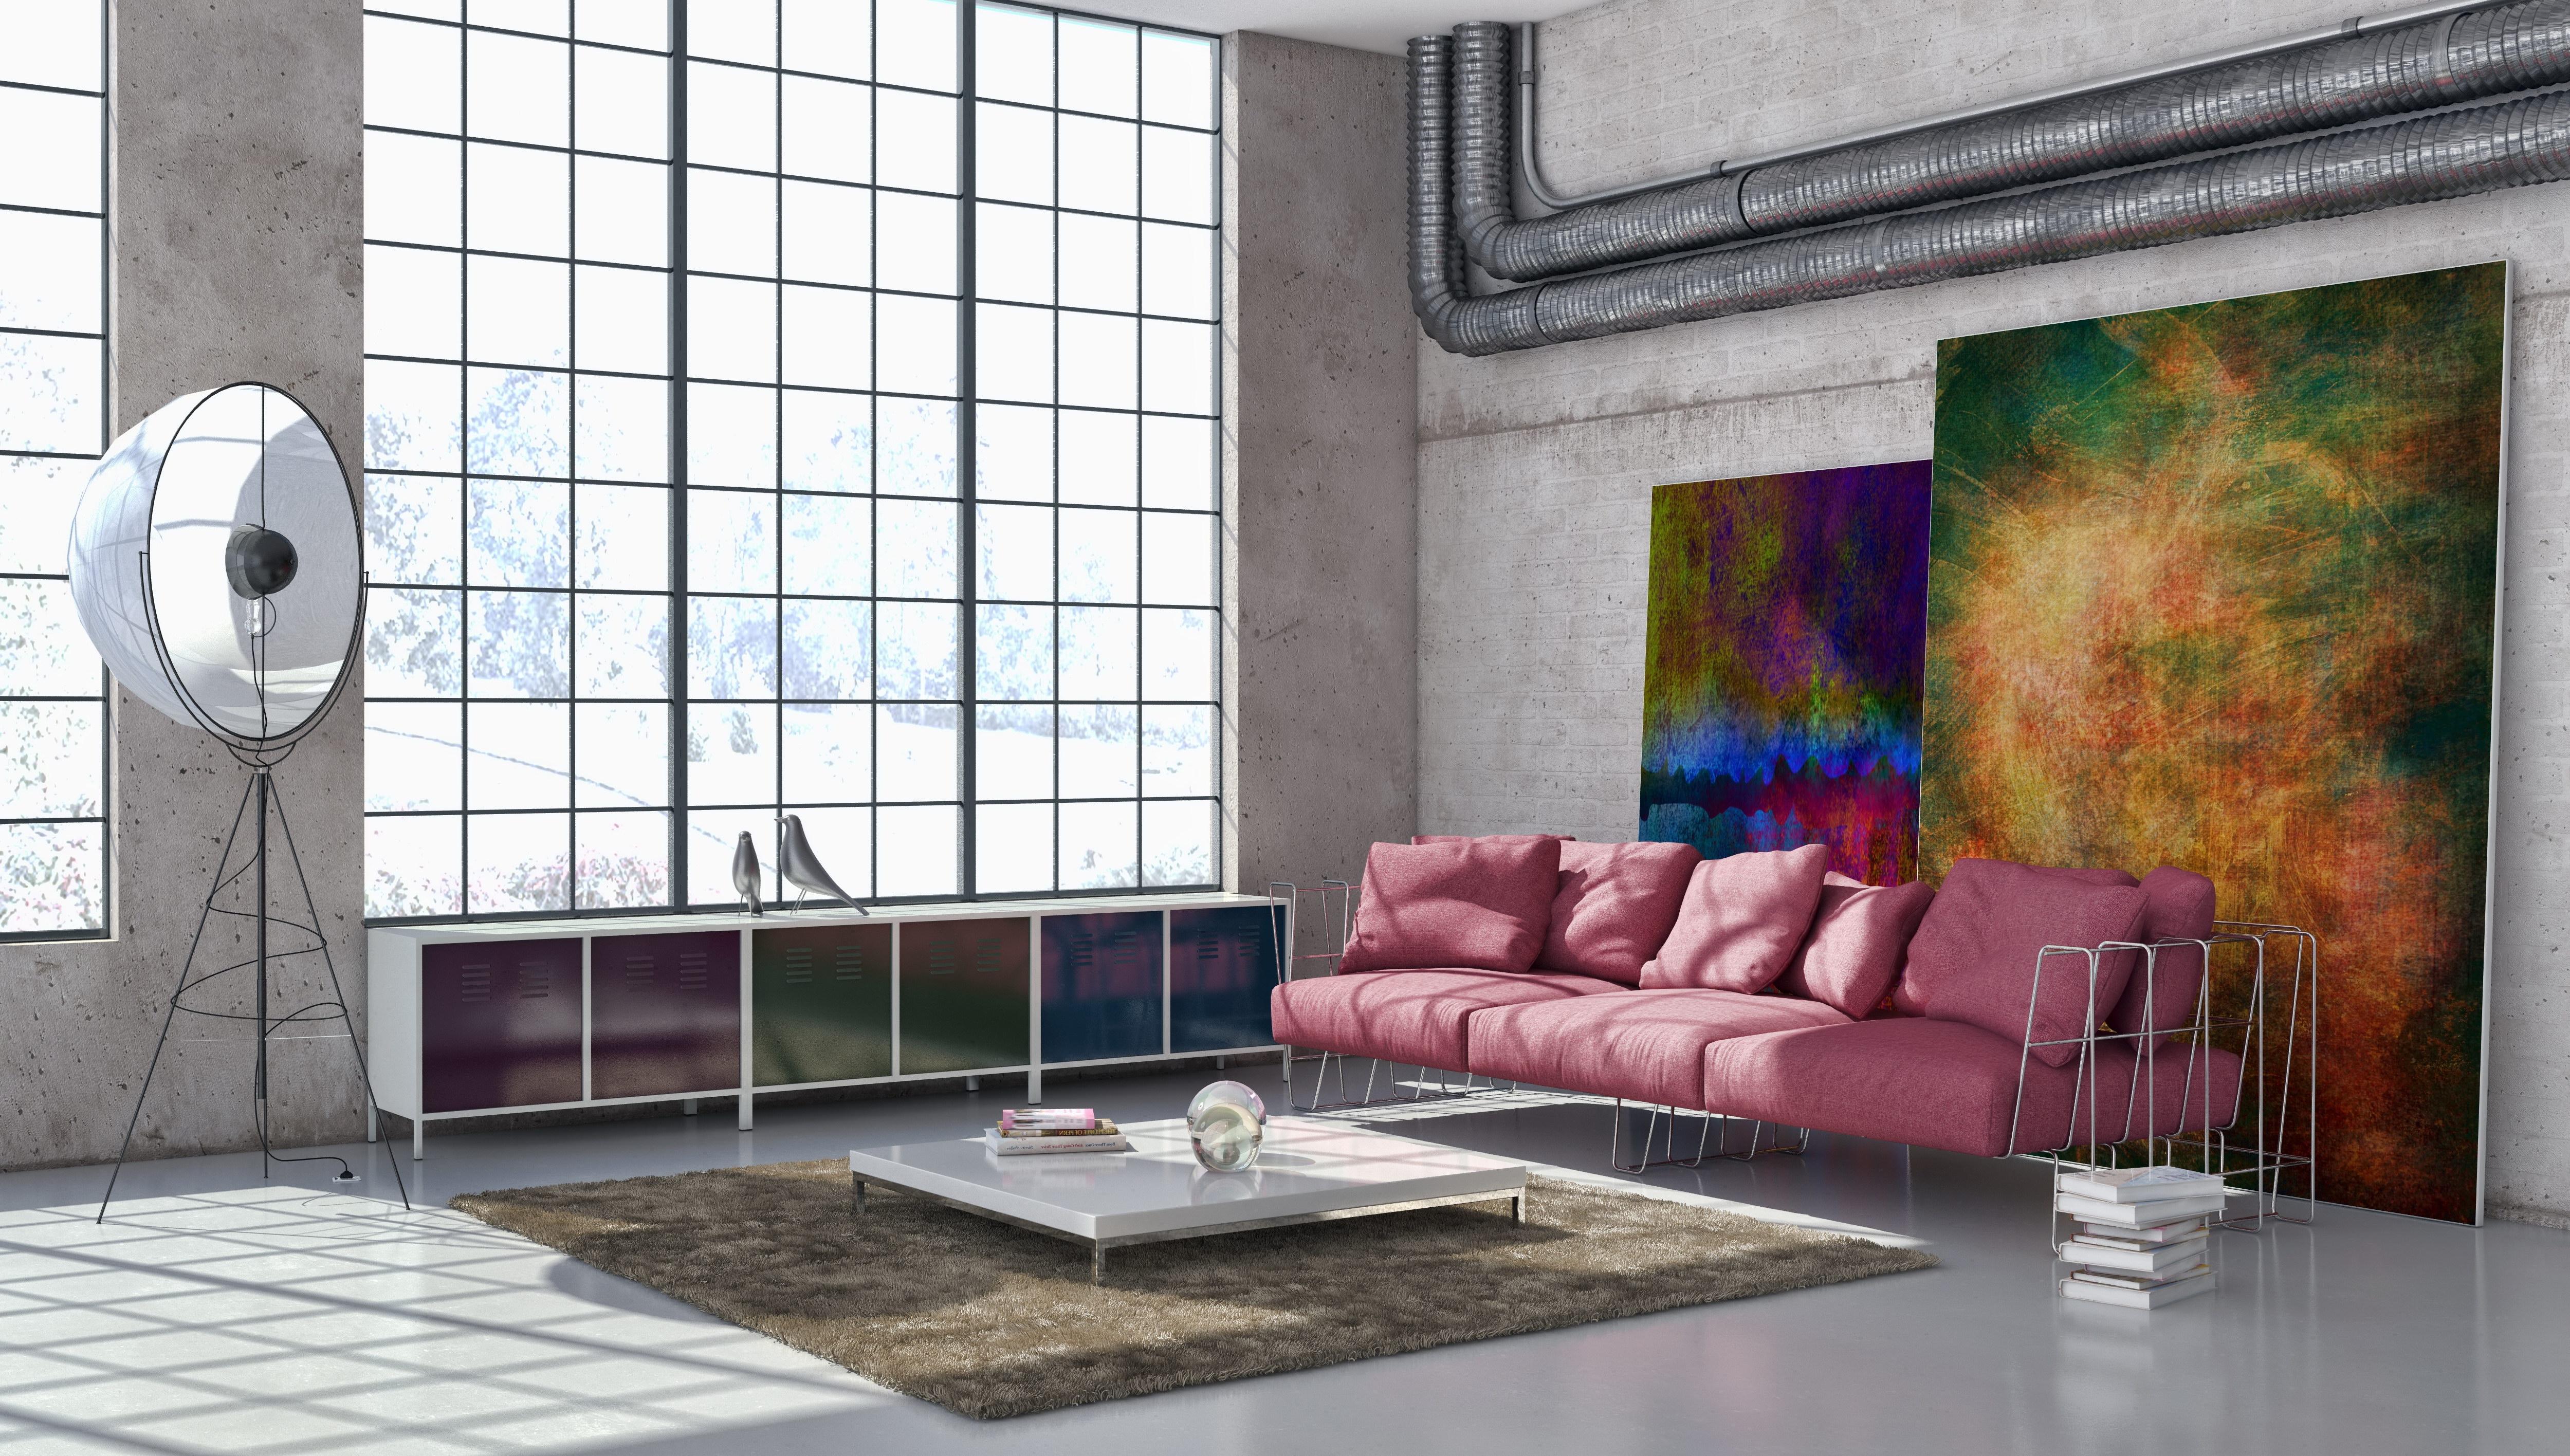 Hintergrundbilder : Zeichnung, die Architektur, Mauer ...